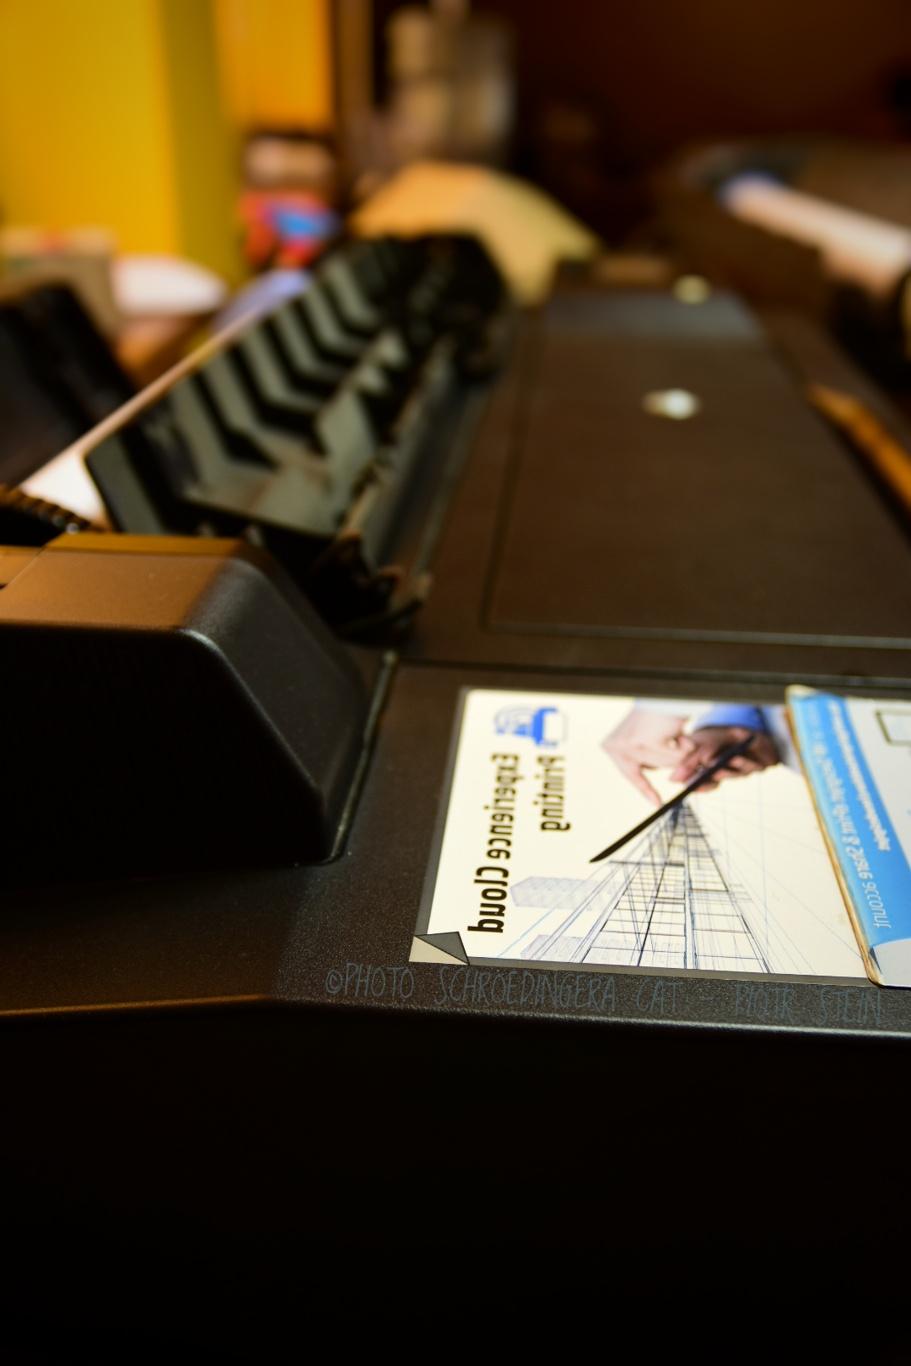 Serwis ploterów tak zmiejszysz koszta. naprawa ploterów HP post thumbnail image